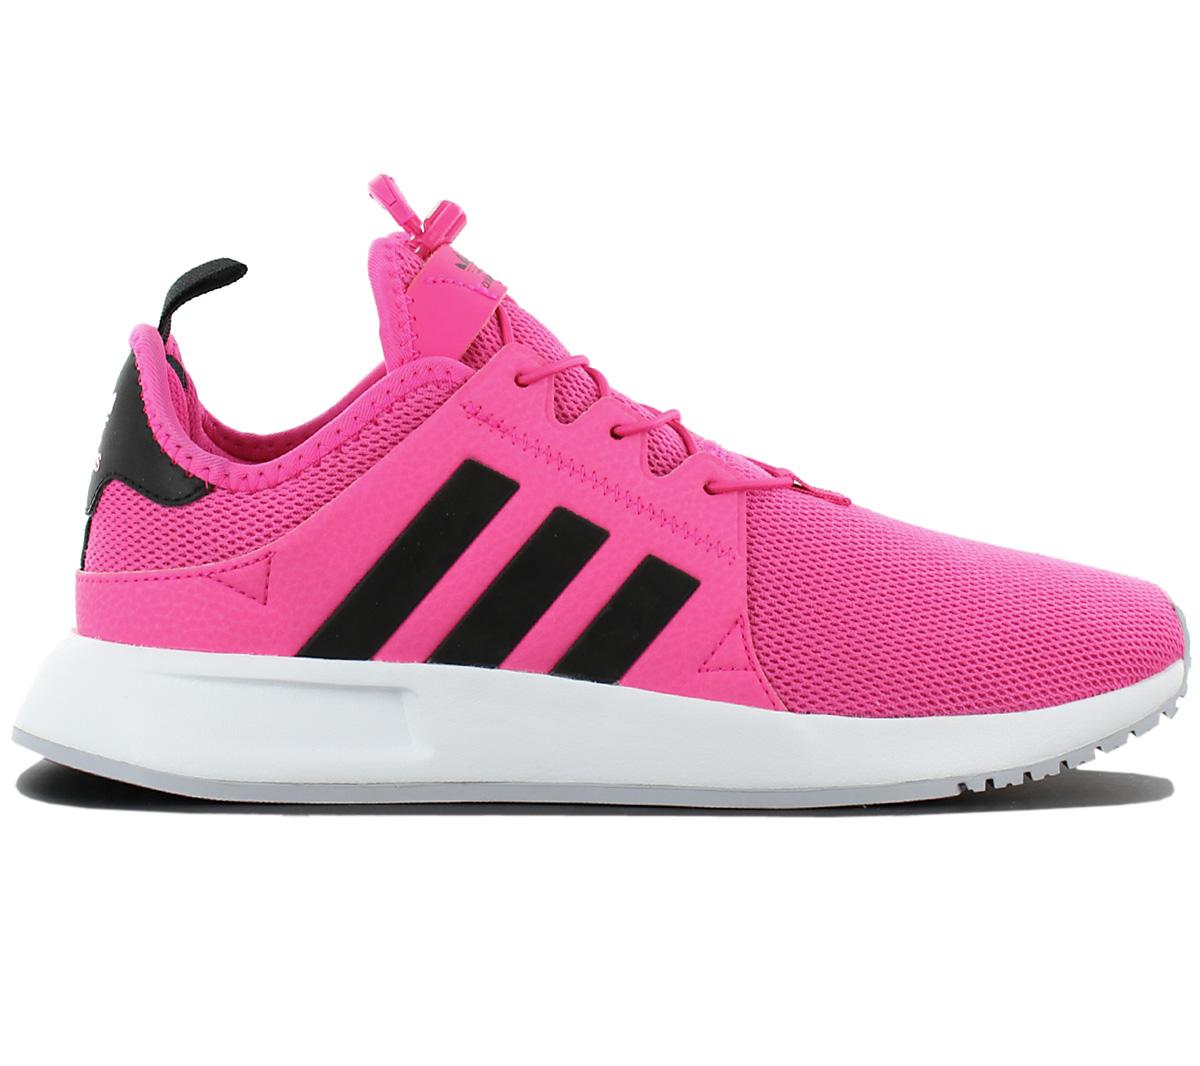 Details zu adidas Originals X PLR Damen Sneaker Schuhe Rosa Freizeit Turnschuhe BB1108 NEU